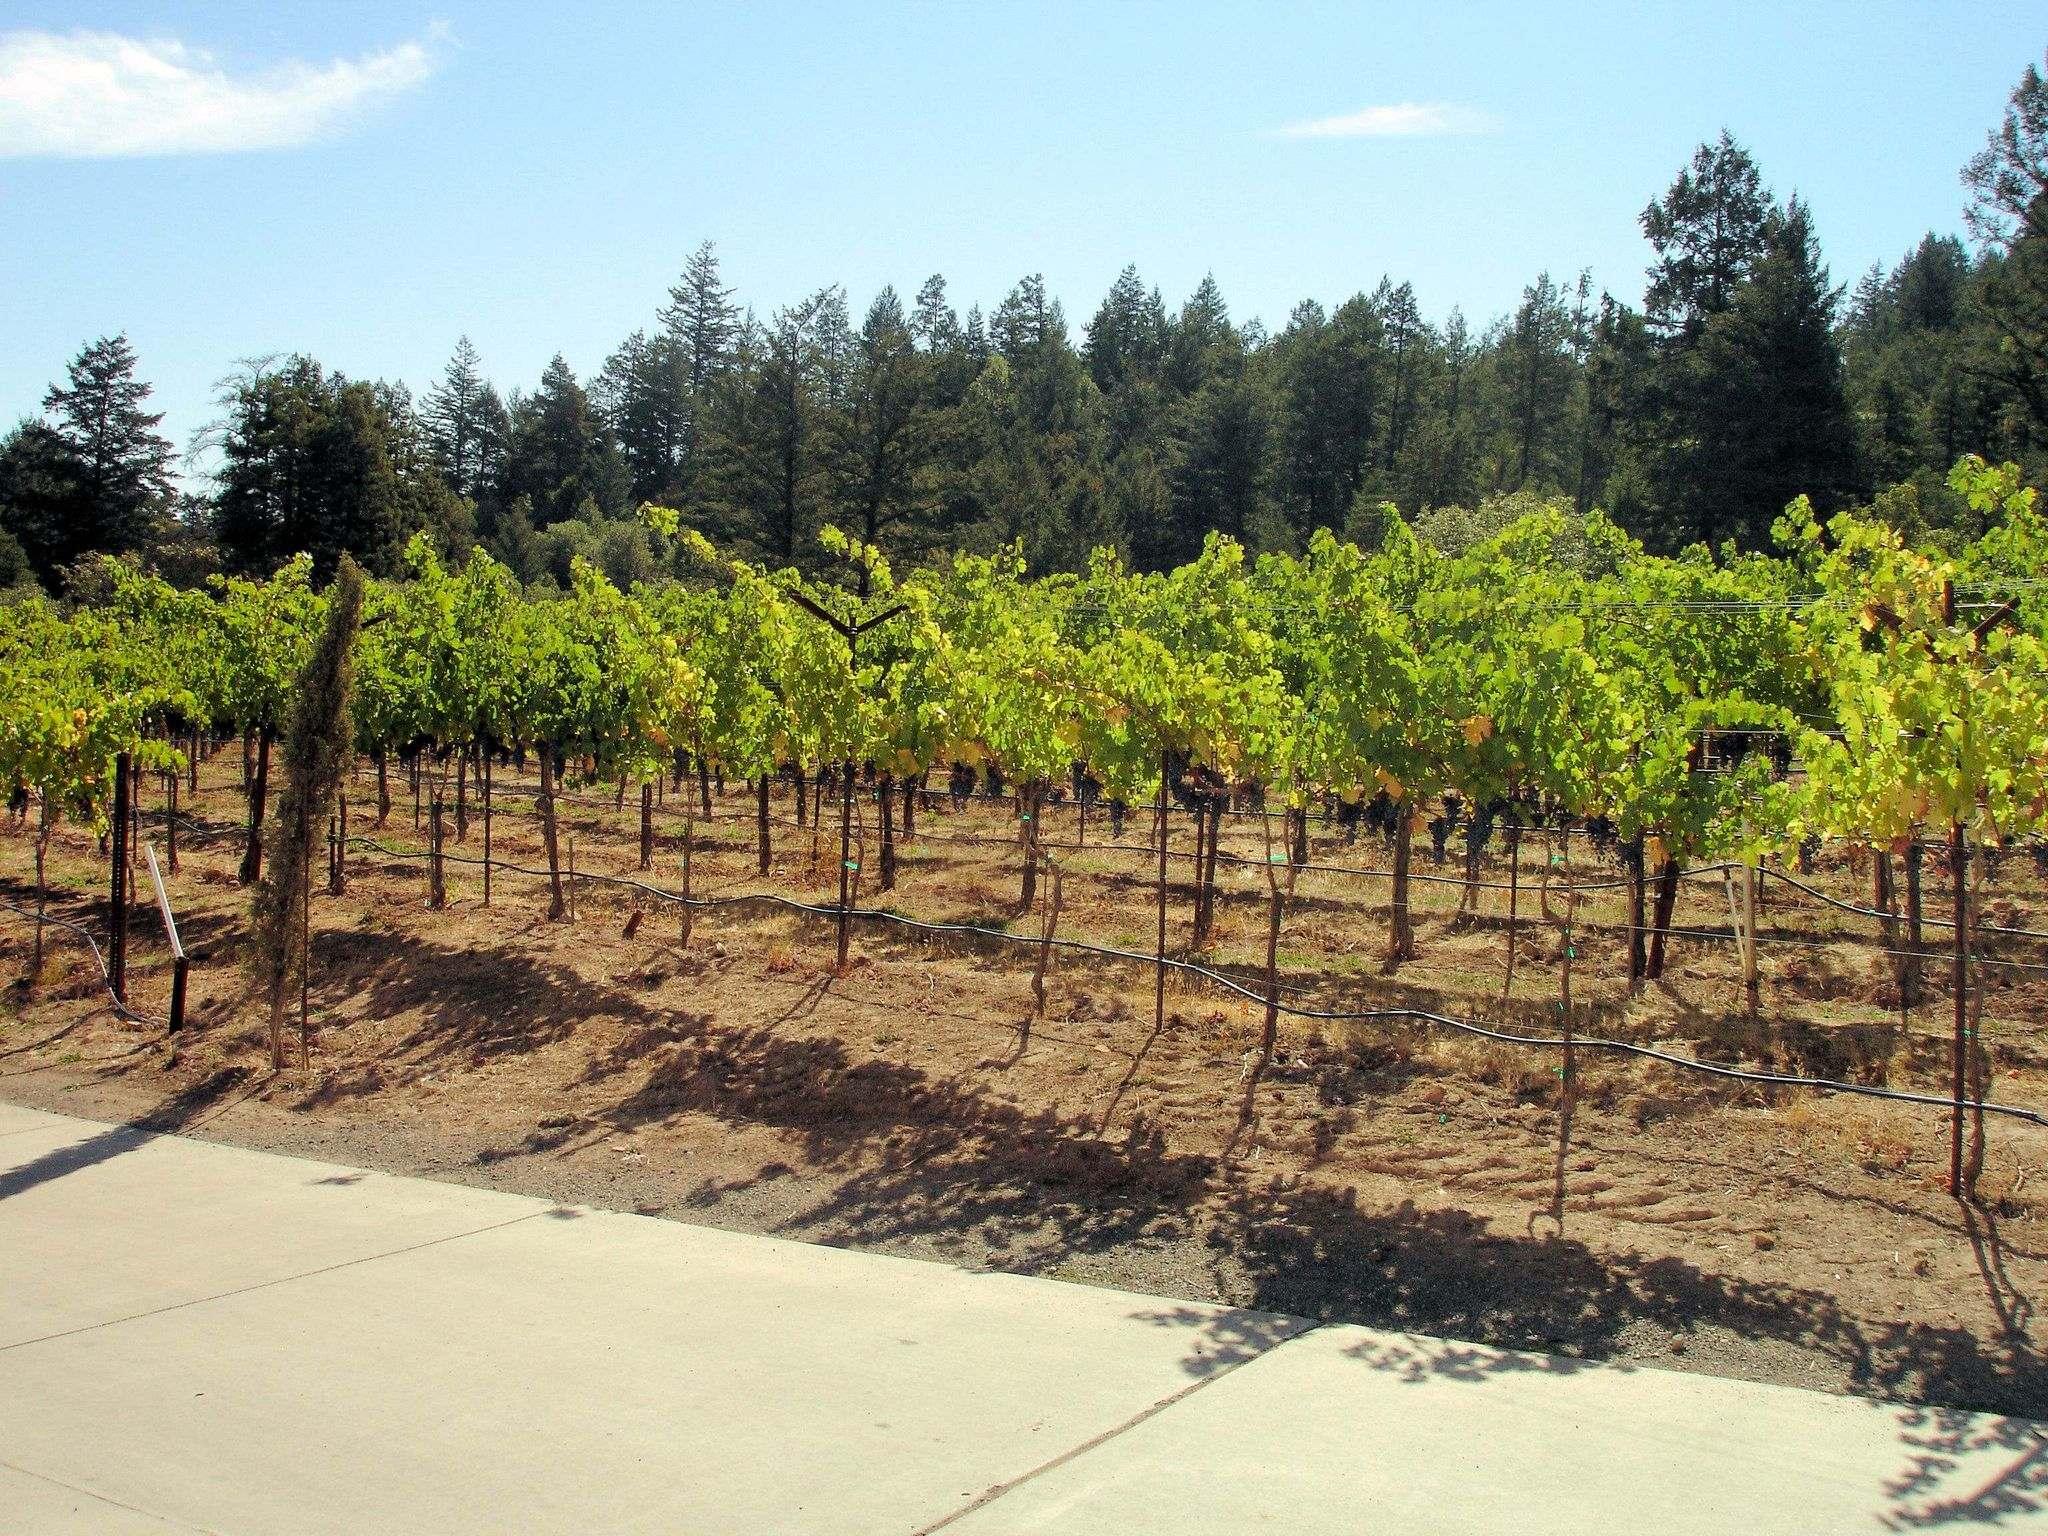 castello di amorosa13 Castello di Amorosa Winery in Napa Valley, California